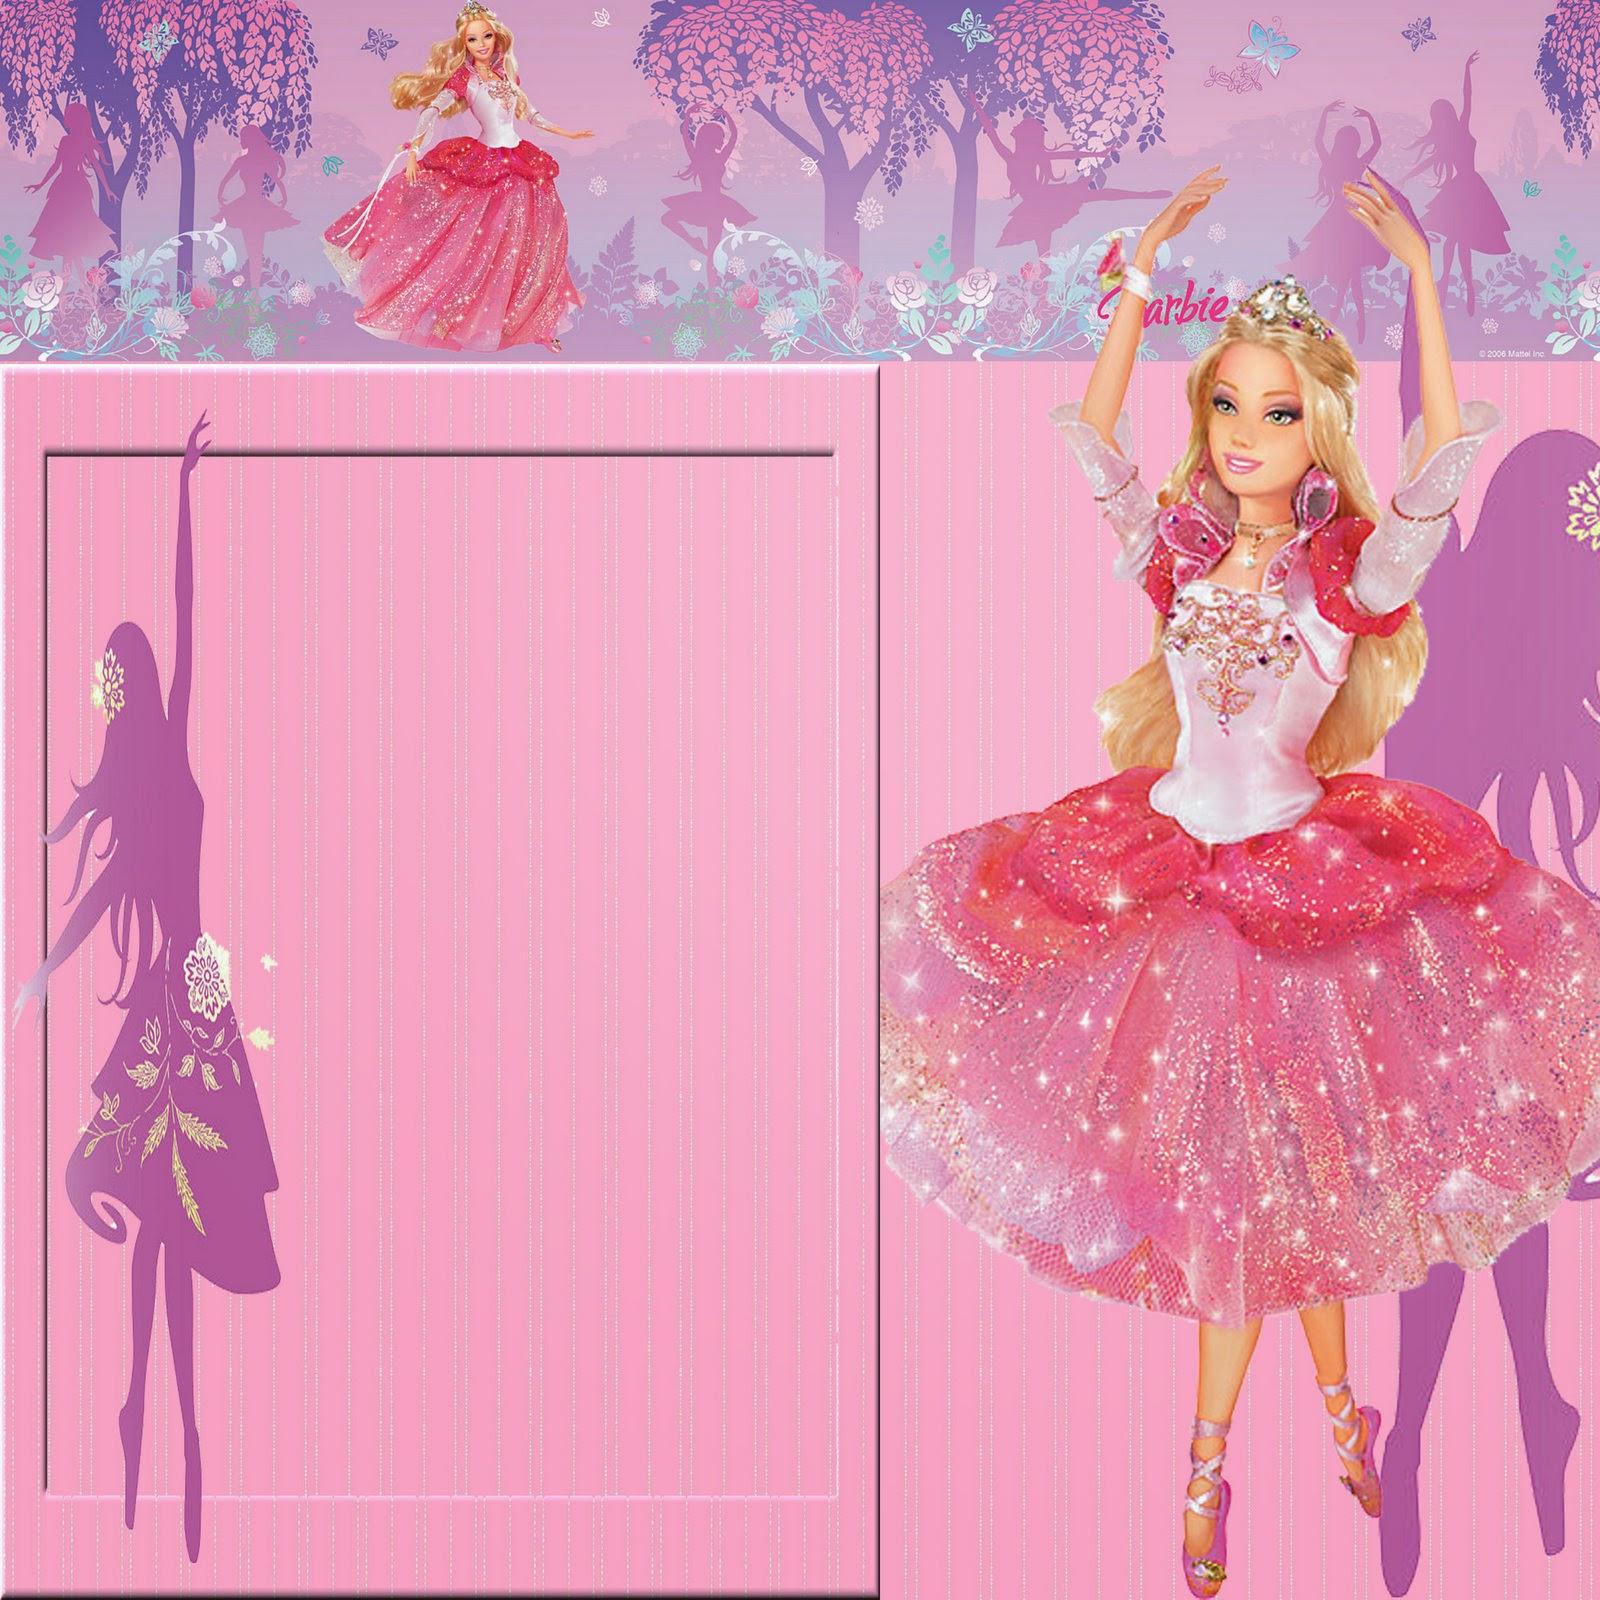 Invitaciones O Marcos Para Fotos De Barbie Para Imprimir